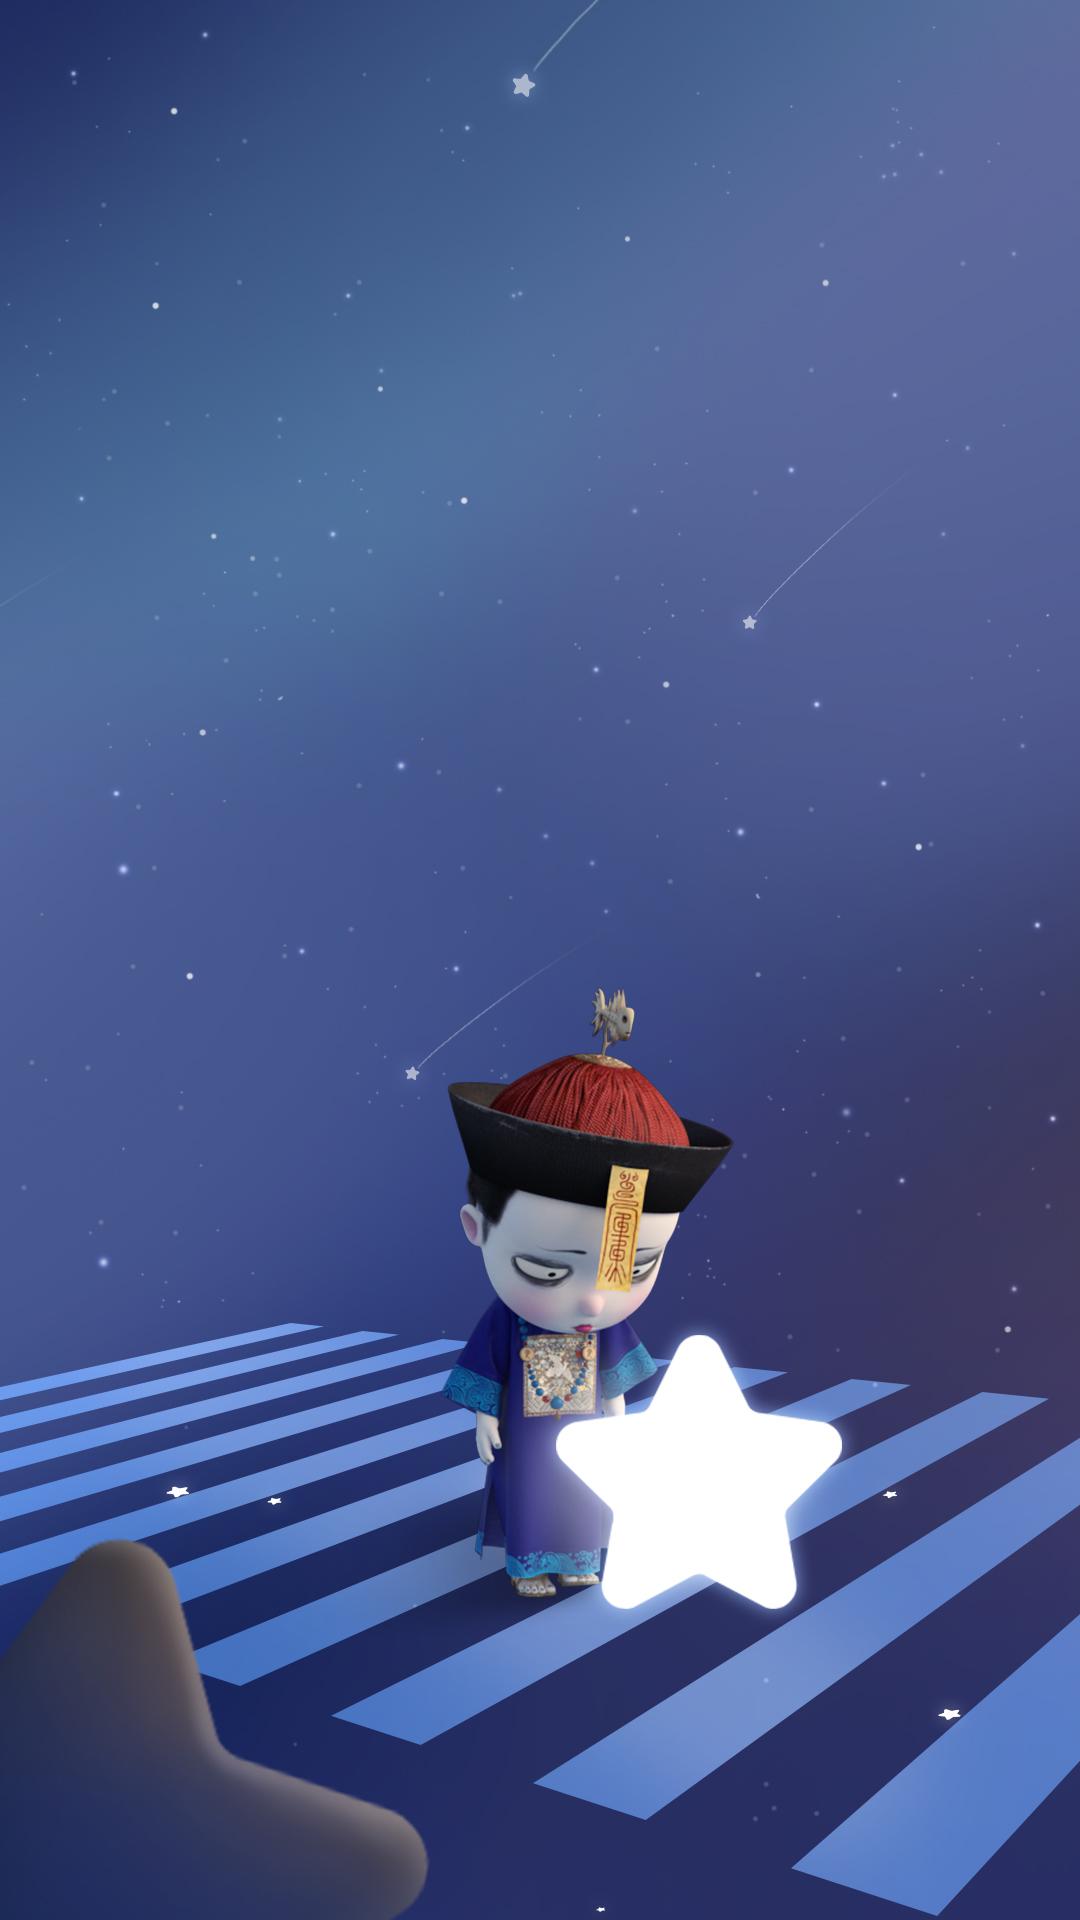 一个人的时候,还有僵小鱼精美壁纸陪着你哦!